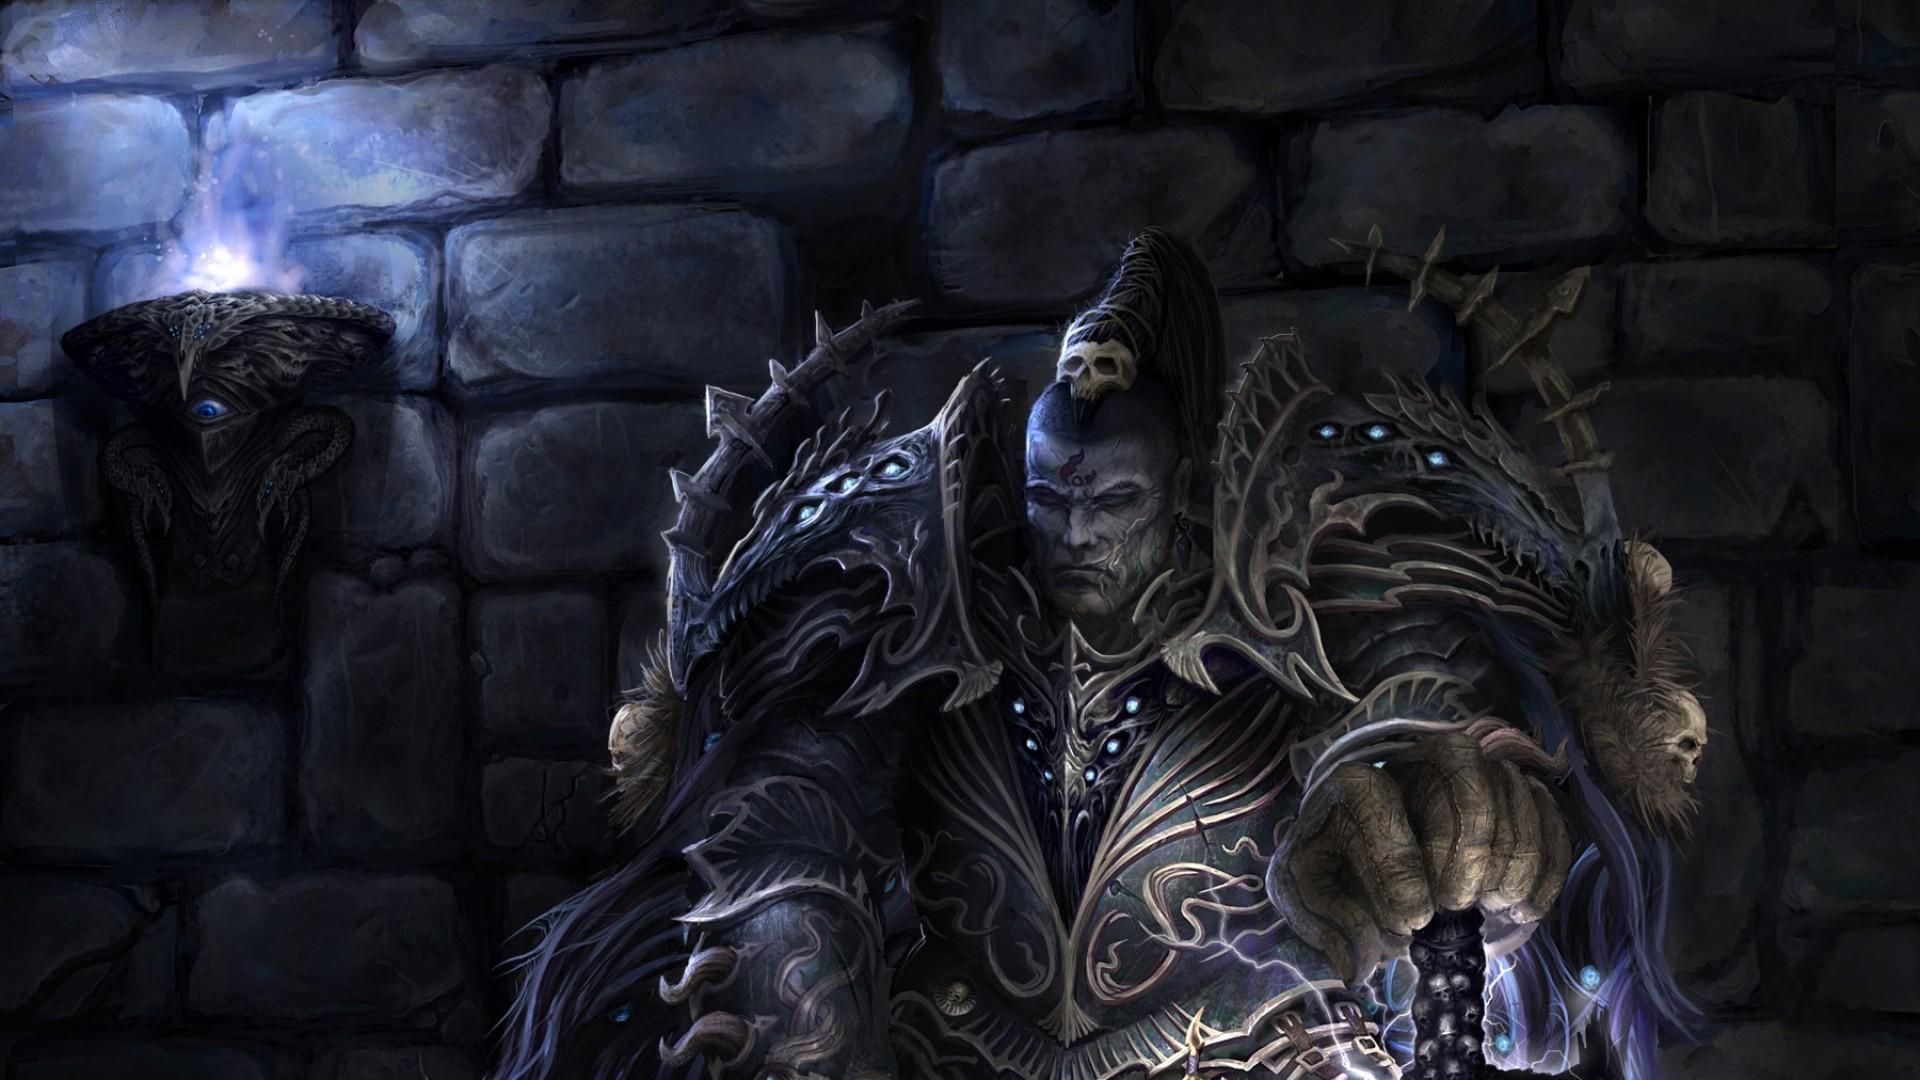 Preview wallpaper warhammer 40k, elect, armor, sword, tzeentch, chaos,  warrior